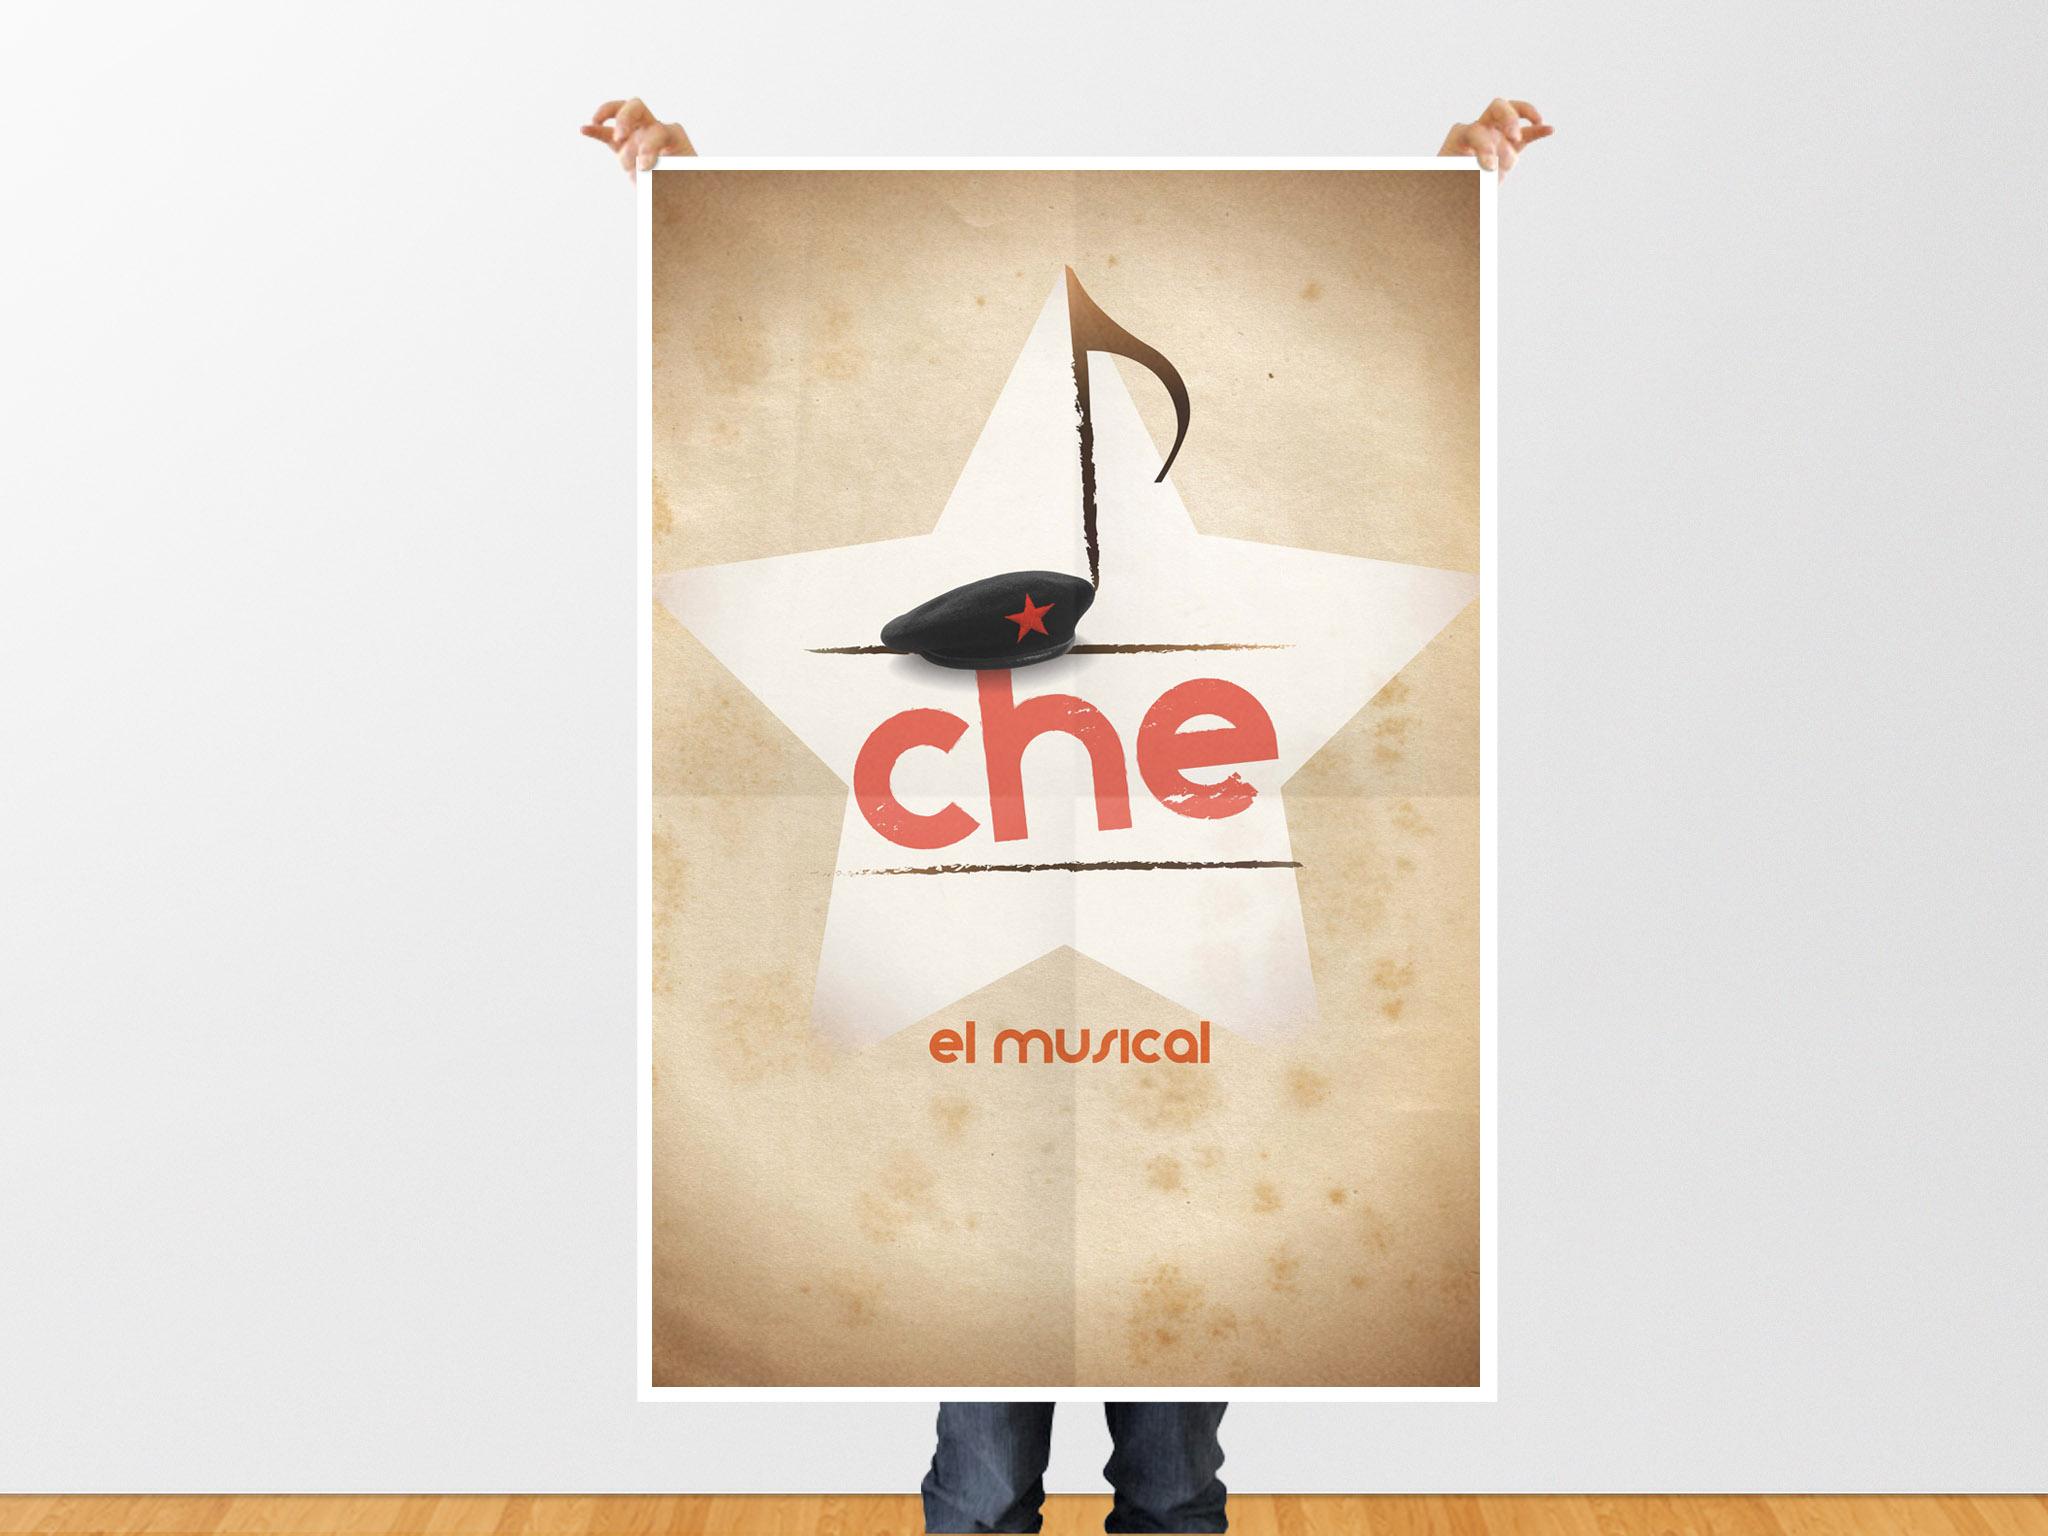 Creación imagen musical latinoamericano CHE